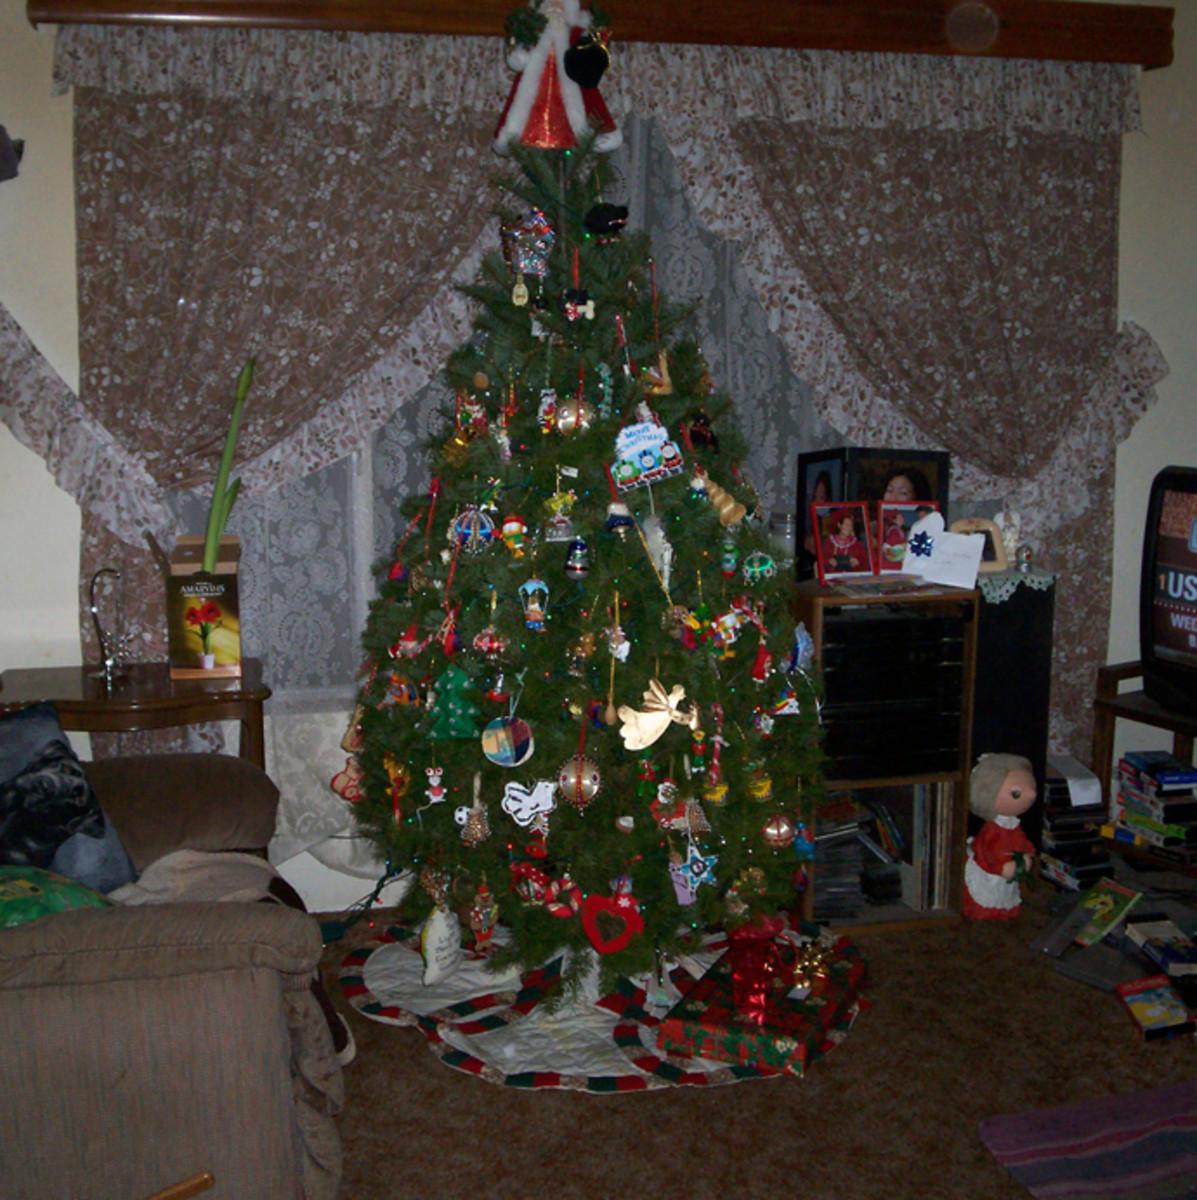 My family's humble Christmas tree